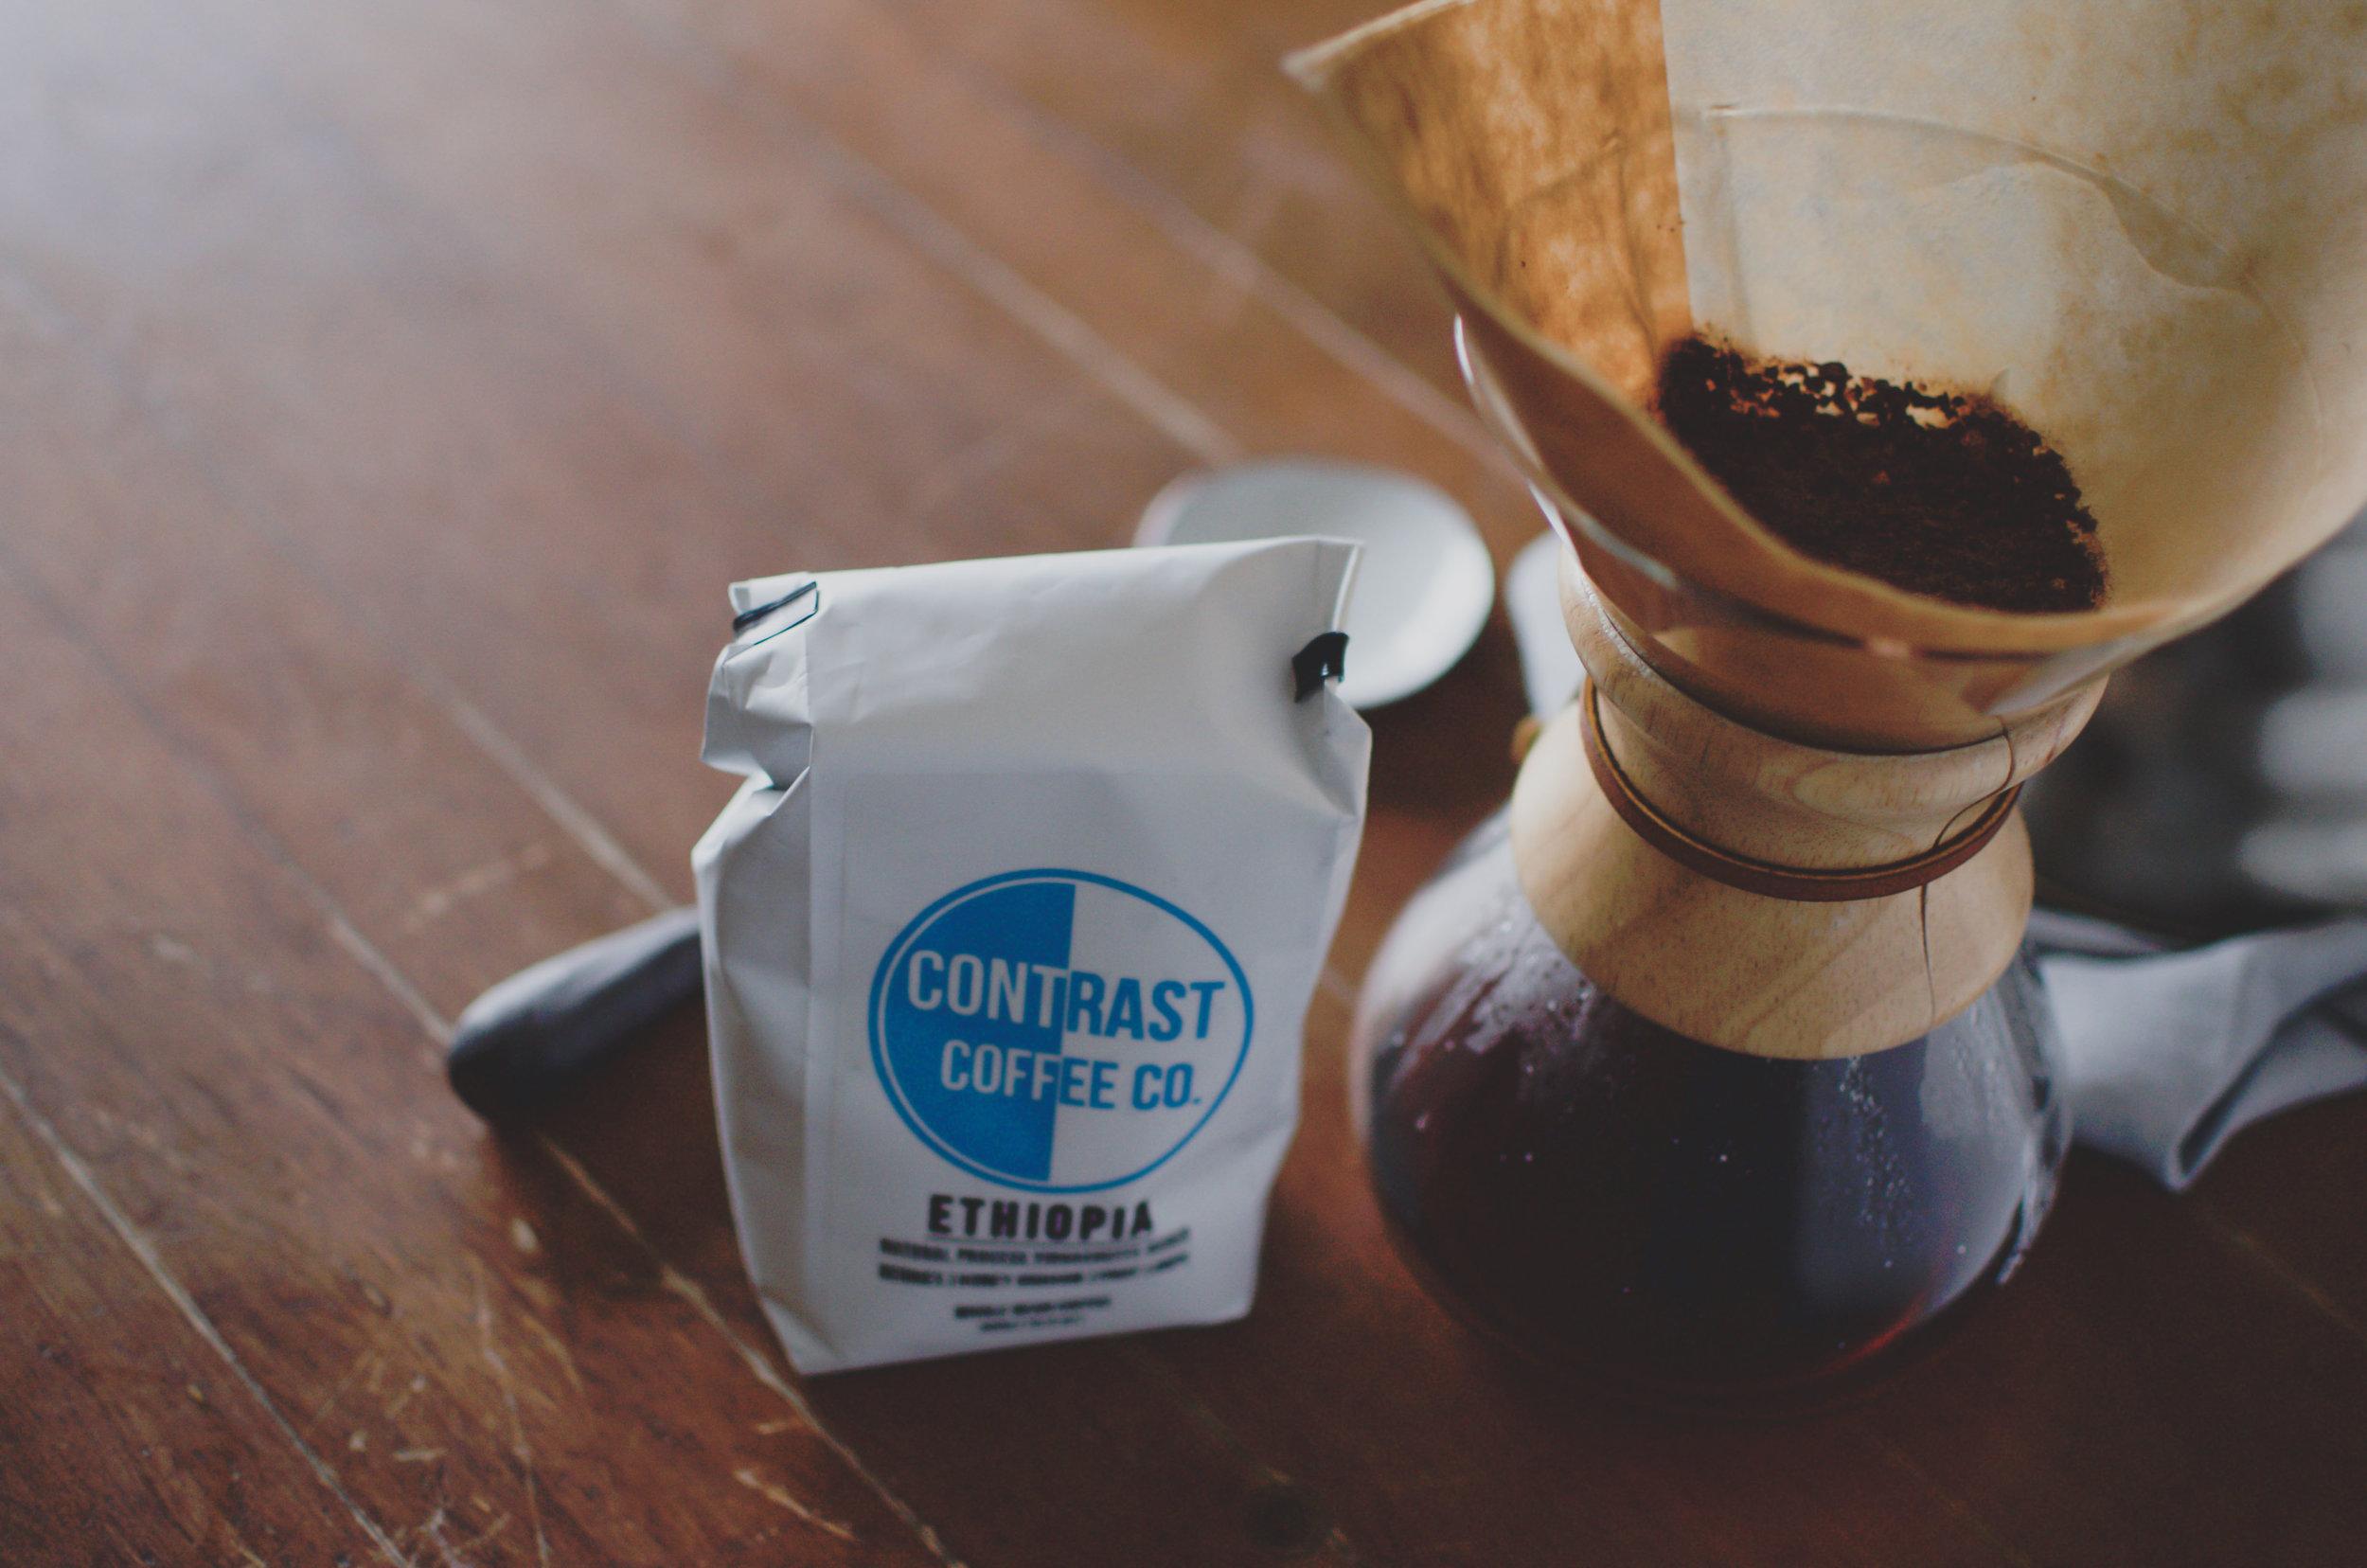 Wendling_Boyd_Daily_Brew_Coffee_Day_Contrast_Coffee-6.jpg